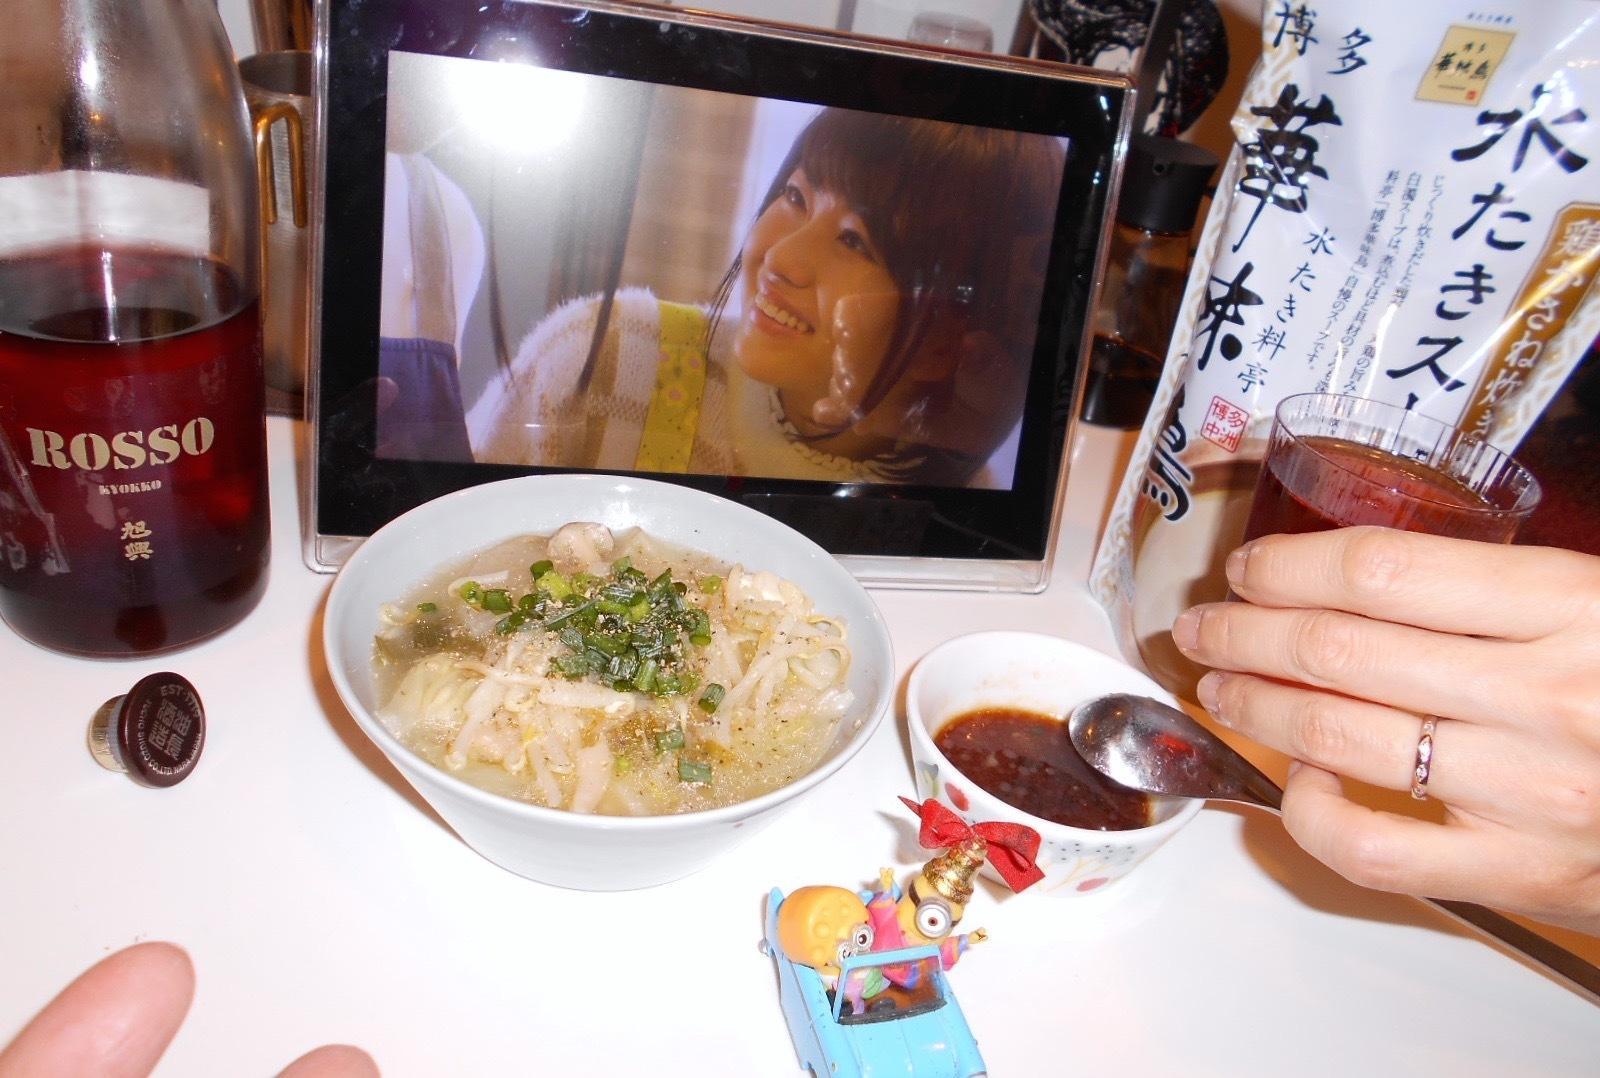 kyokukou_rosso6.jpg